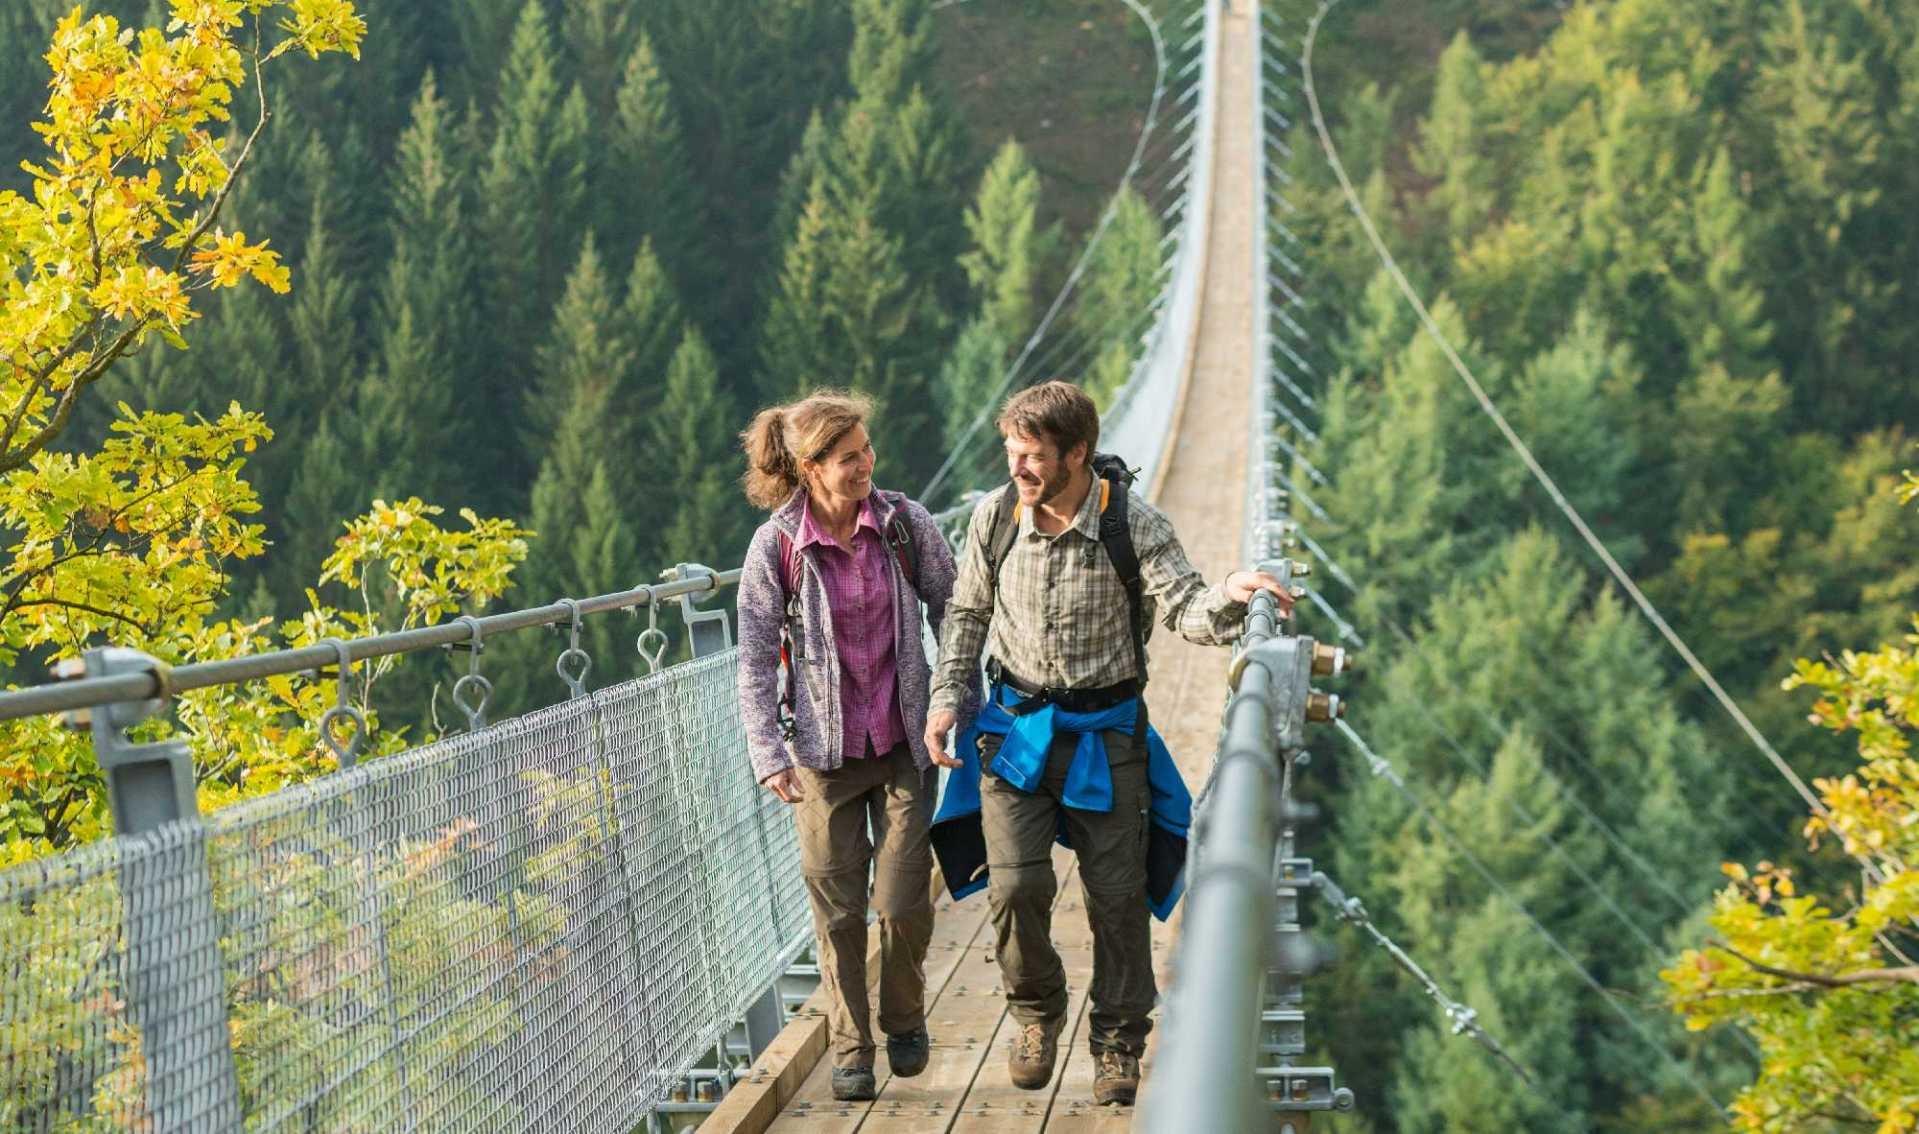 Hikers on Geierlay rope suspension bridge, Germany